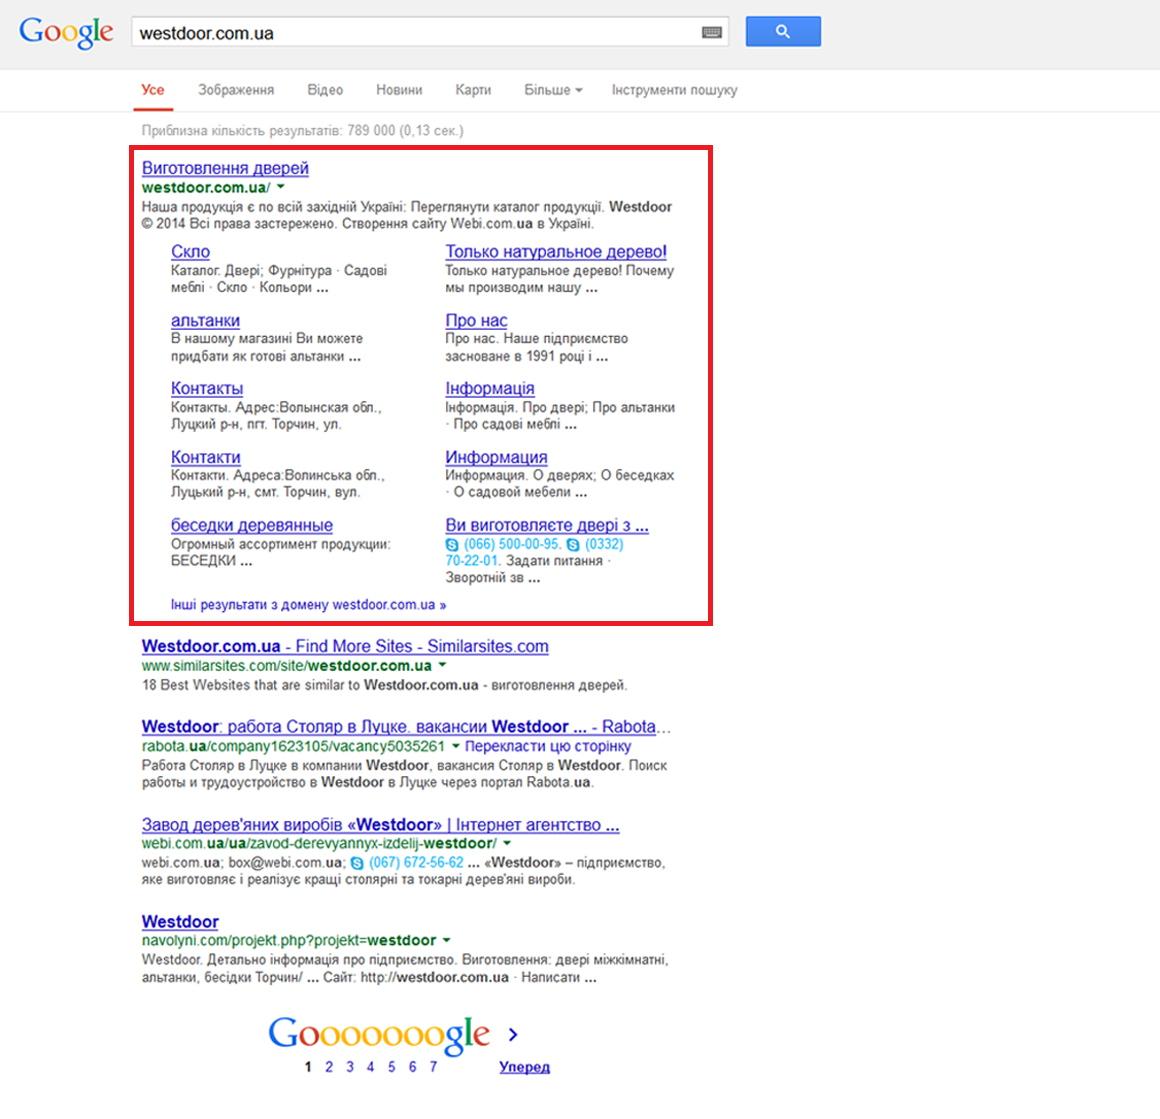 FireShot-Screen-Capture-171-westdoor_com_ua-Poshuk-Google-www_google_com_ua_search_noj1qwestdoor_com_uaspell1saXeiqB0HU6zeKcPy4QSVy4HoAQved0CCcQBSgAbiw1366bih638